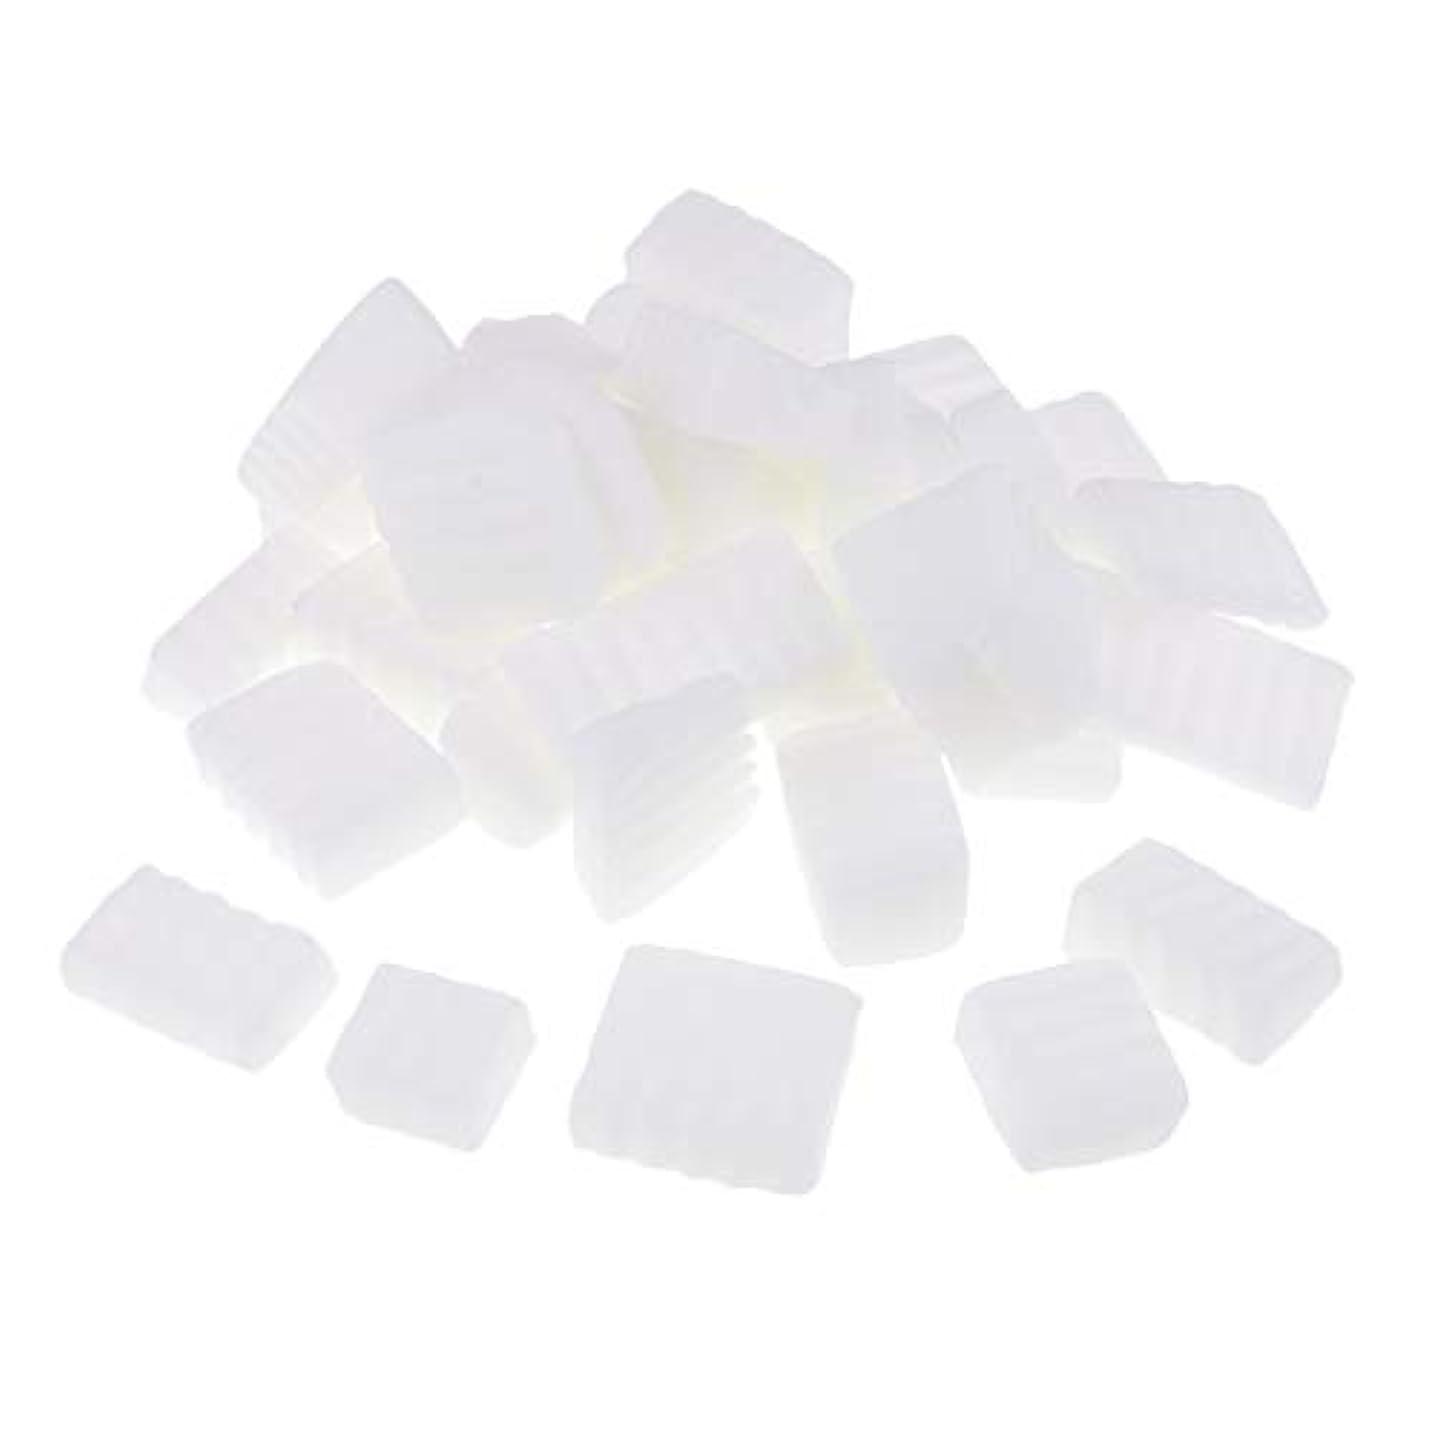 空虚無数の幻滅dailymall オーガニックオイルホワイトグリセリン-11ポンドの溶けて注ぐ石鹸ベース、エッセンシャルオイル、ミルク、漢方薬をDIYの手作り石鹸に追加できます